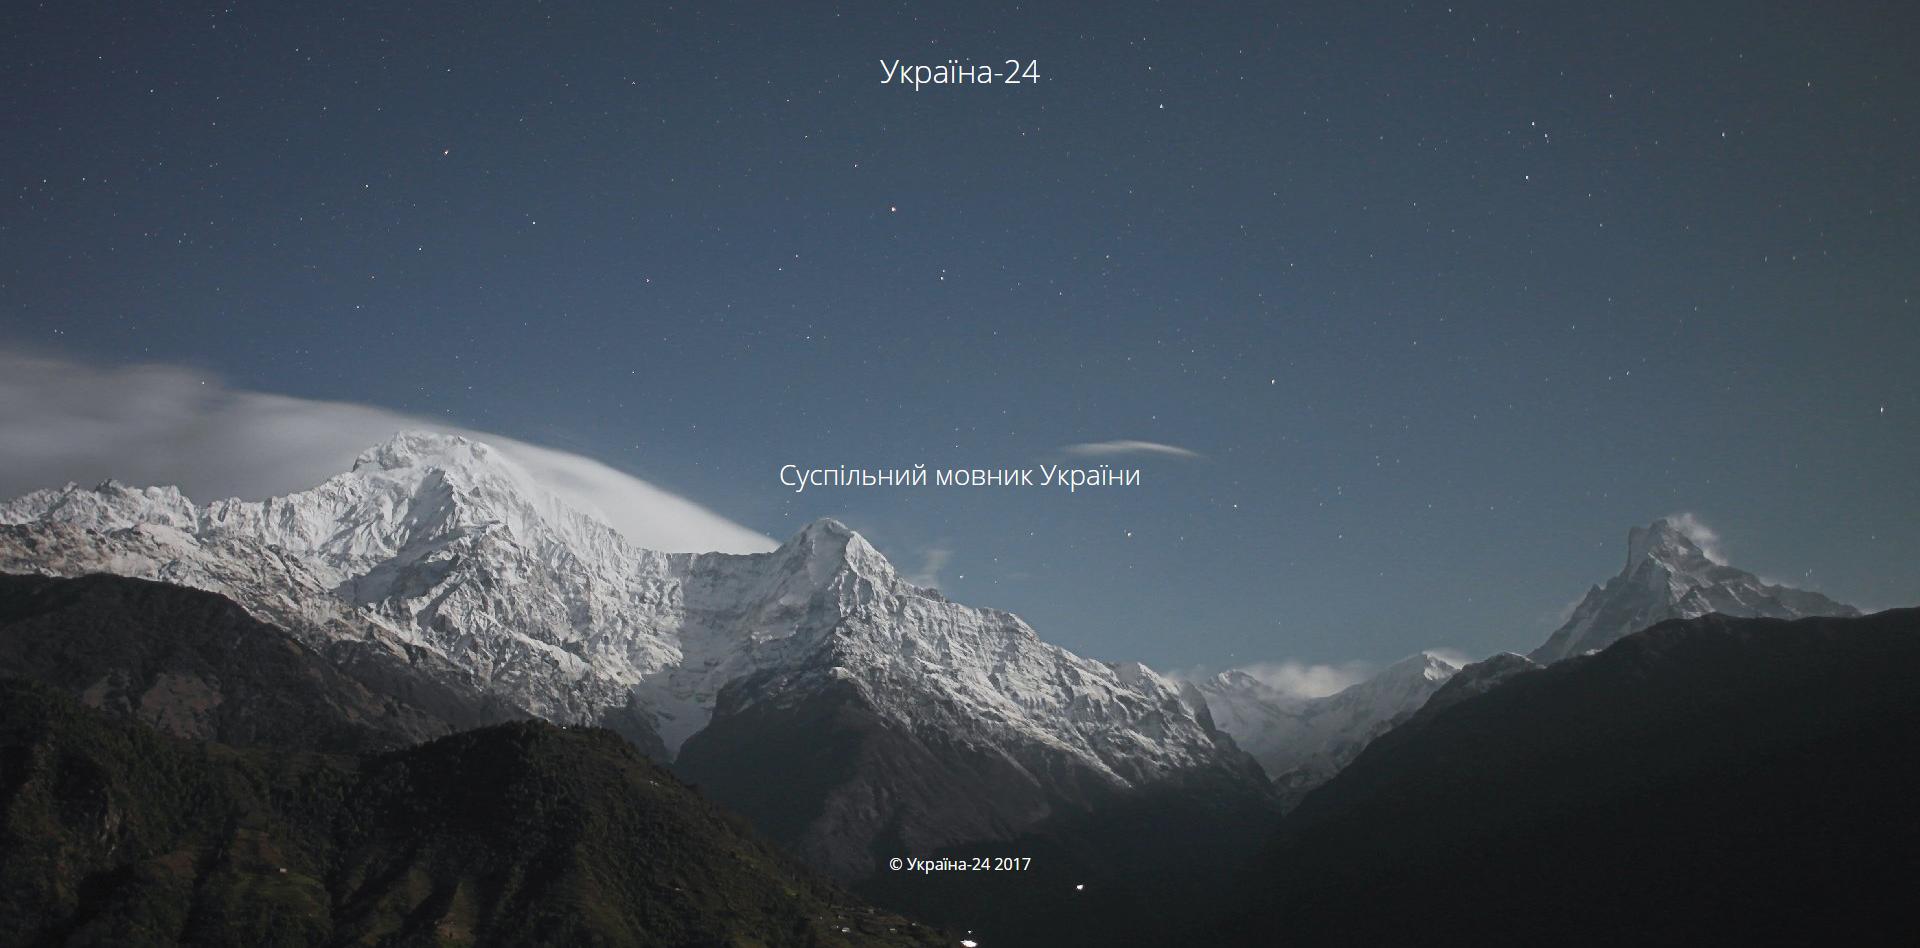 Телеканал Україна-24